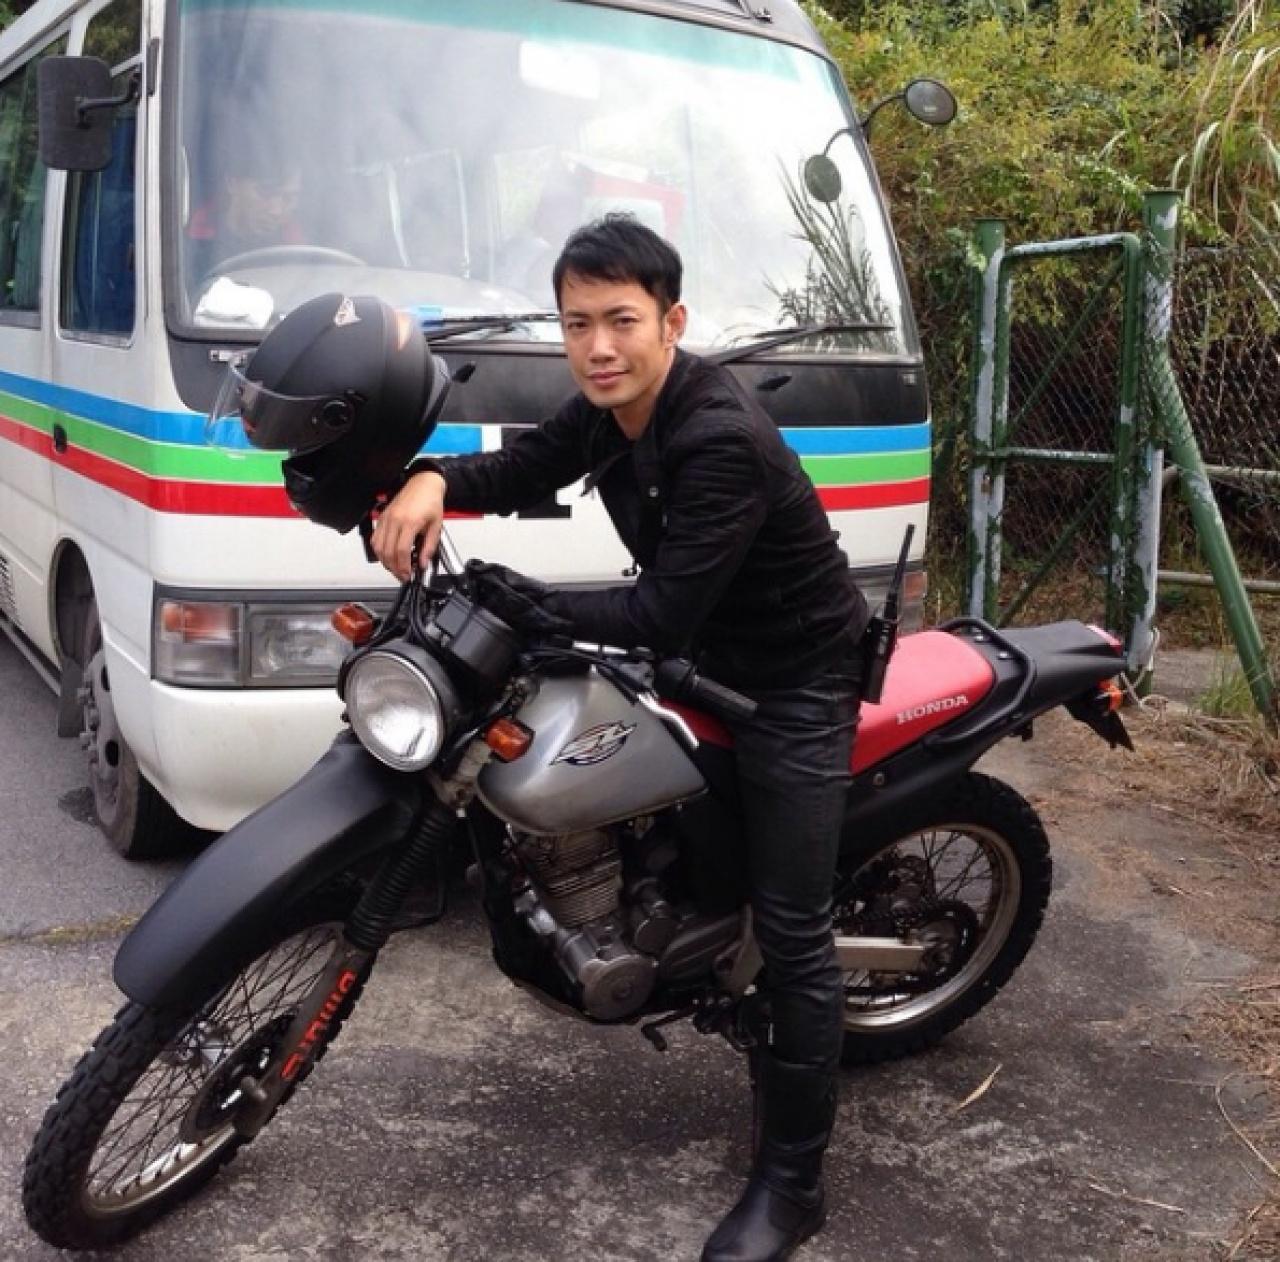 敖嘉年在事業低潮期,不但考了電單車牌,更考獲24噸貨車牌,為自己謀定後路。(Instagram圖片)